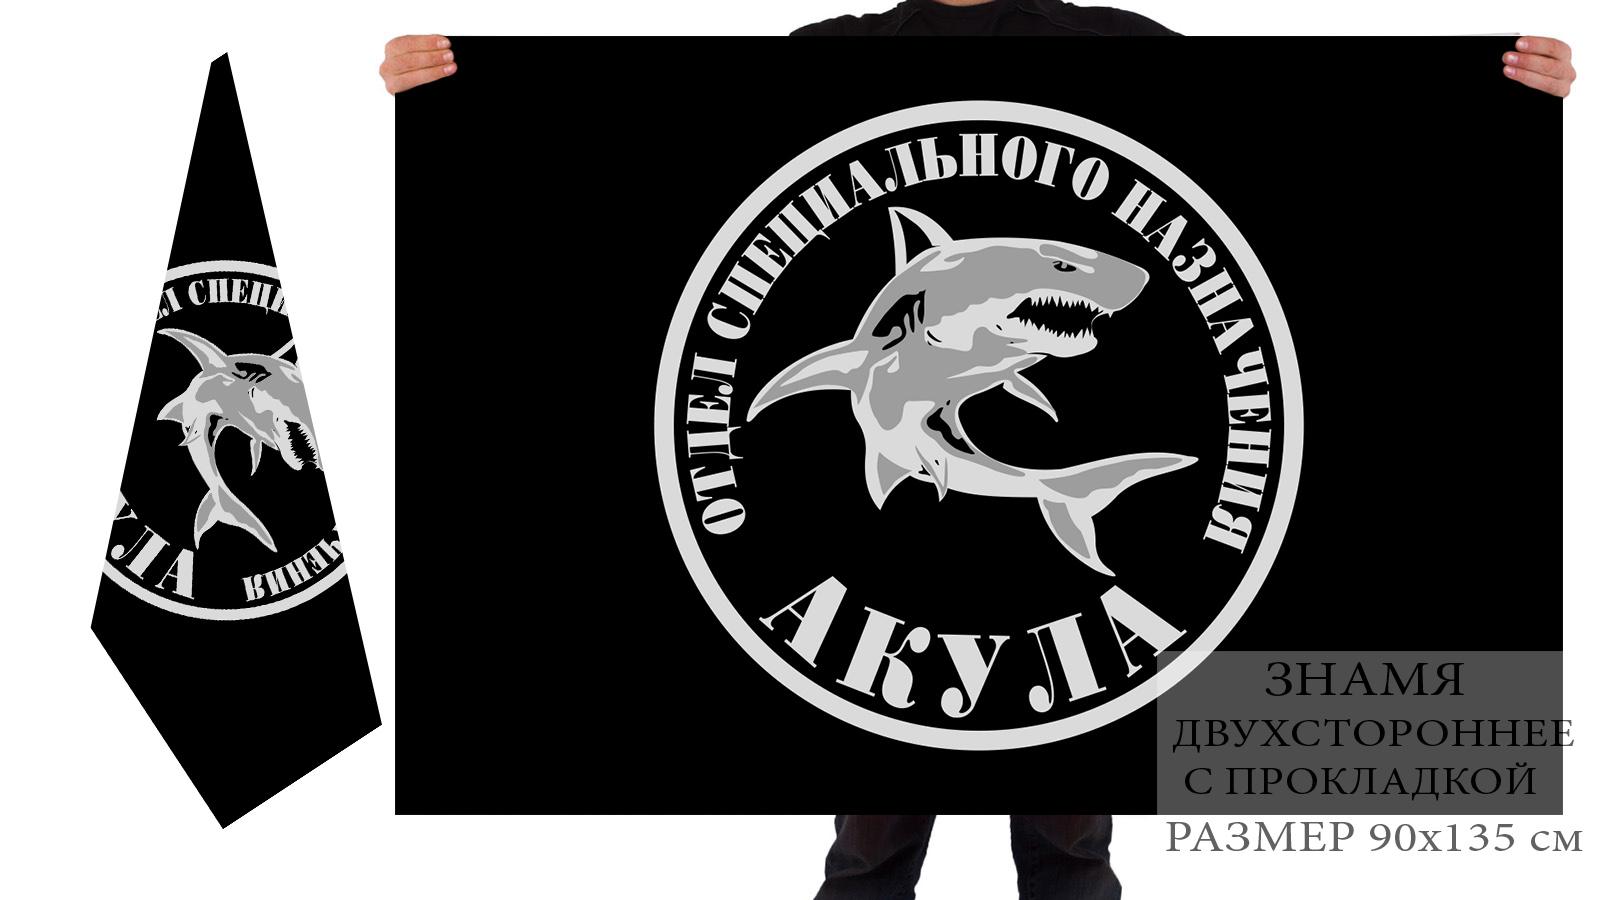 Двусторонний флаг отдела специального назначения УФСИН Акула